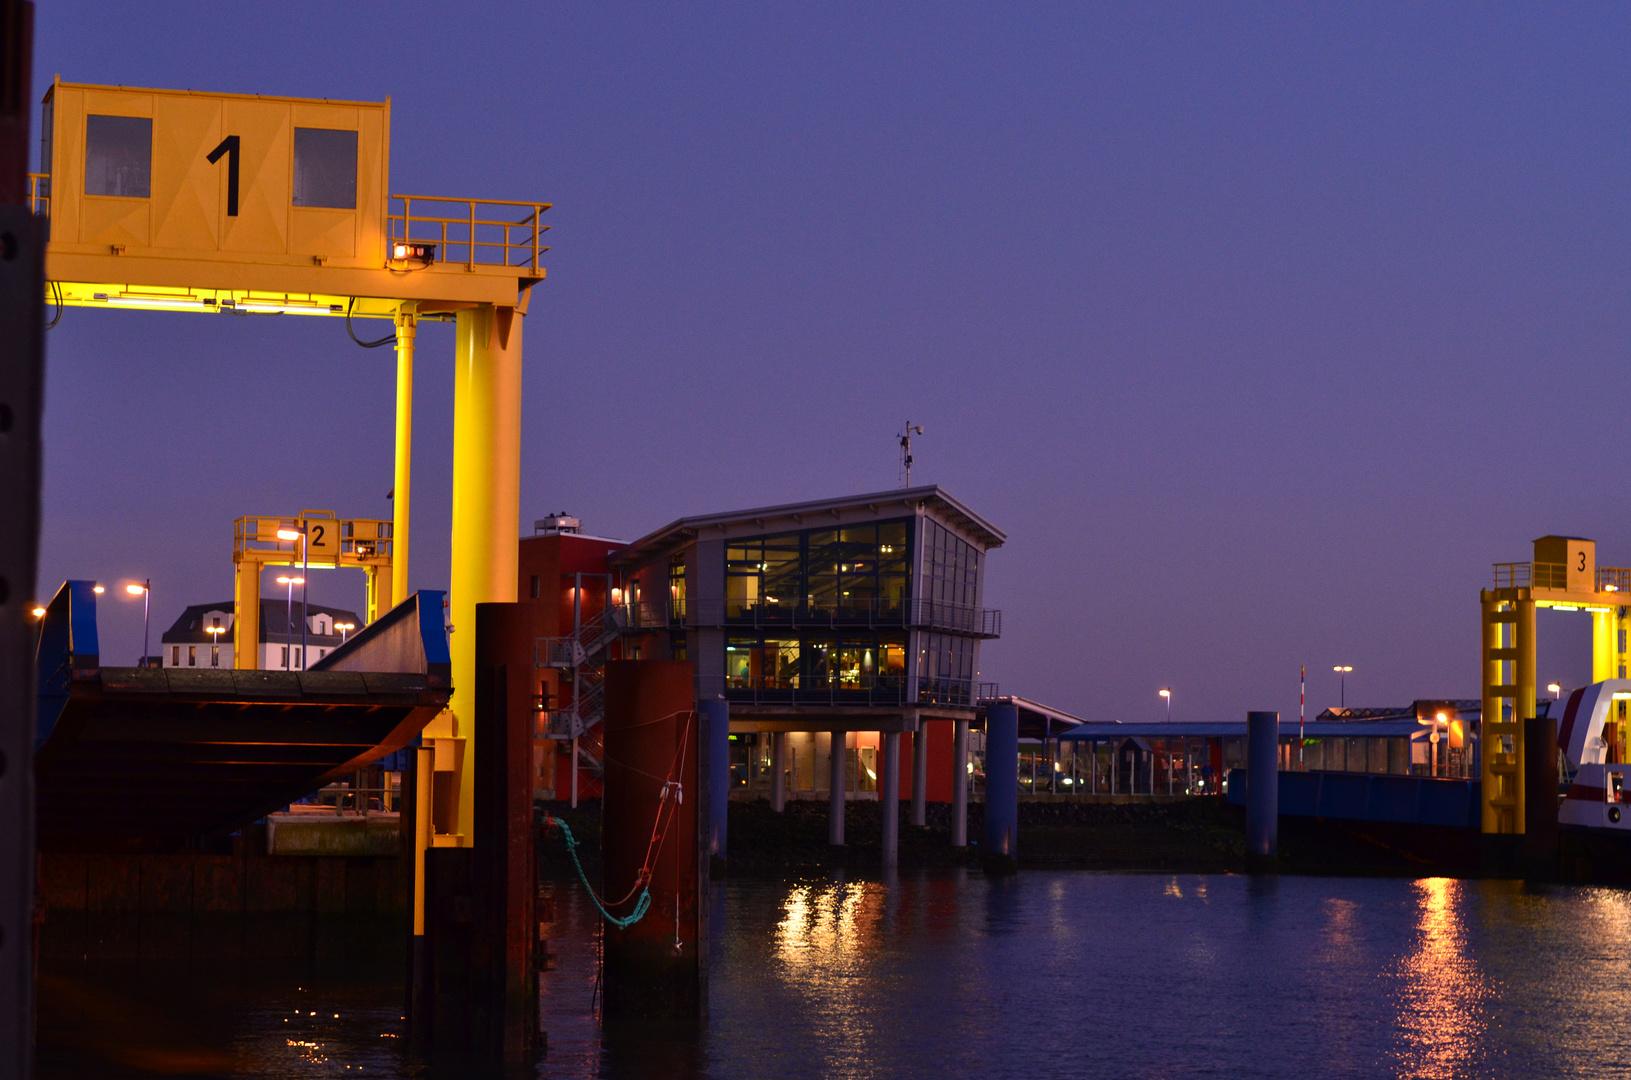 Dagebüll Hafen